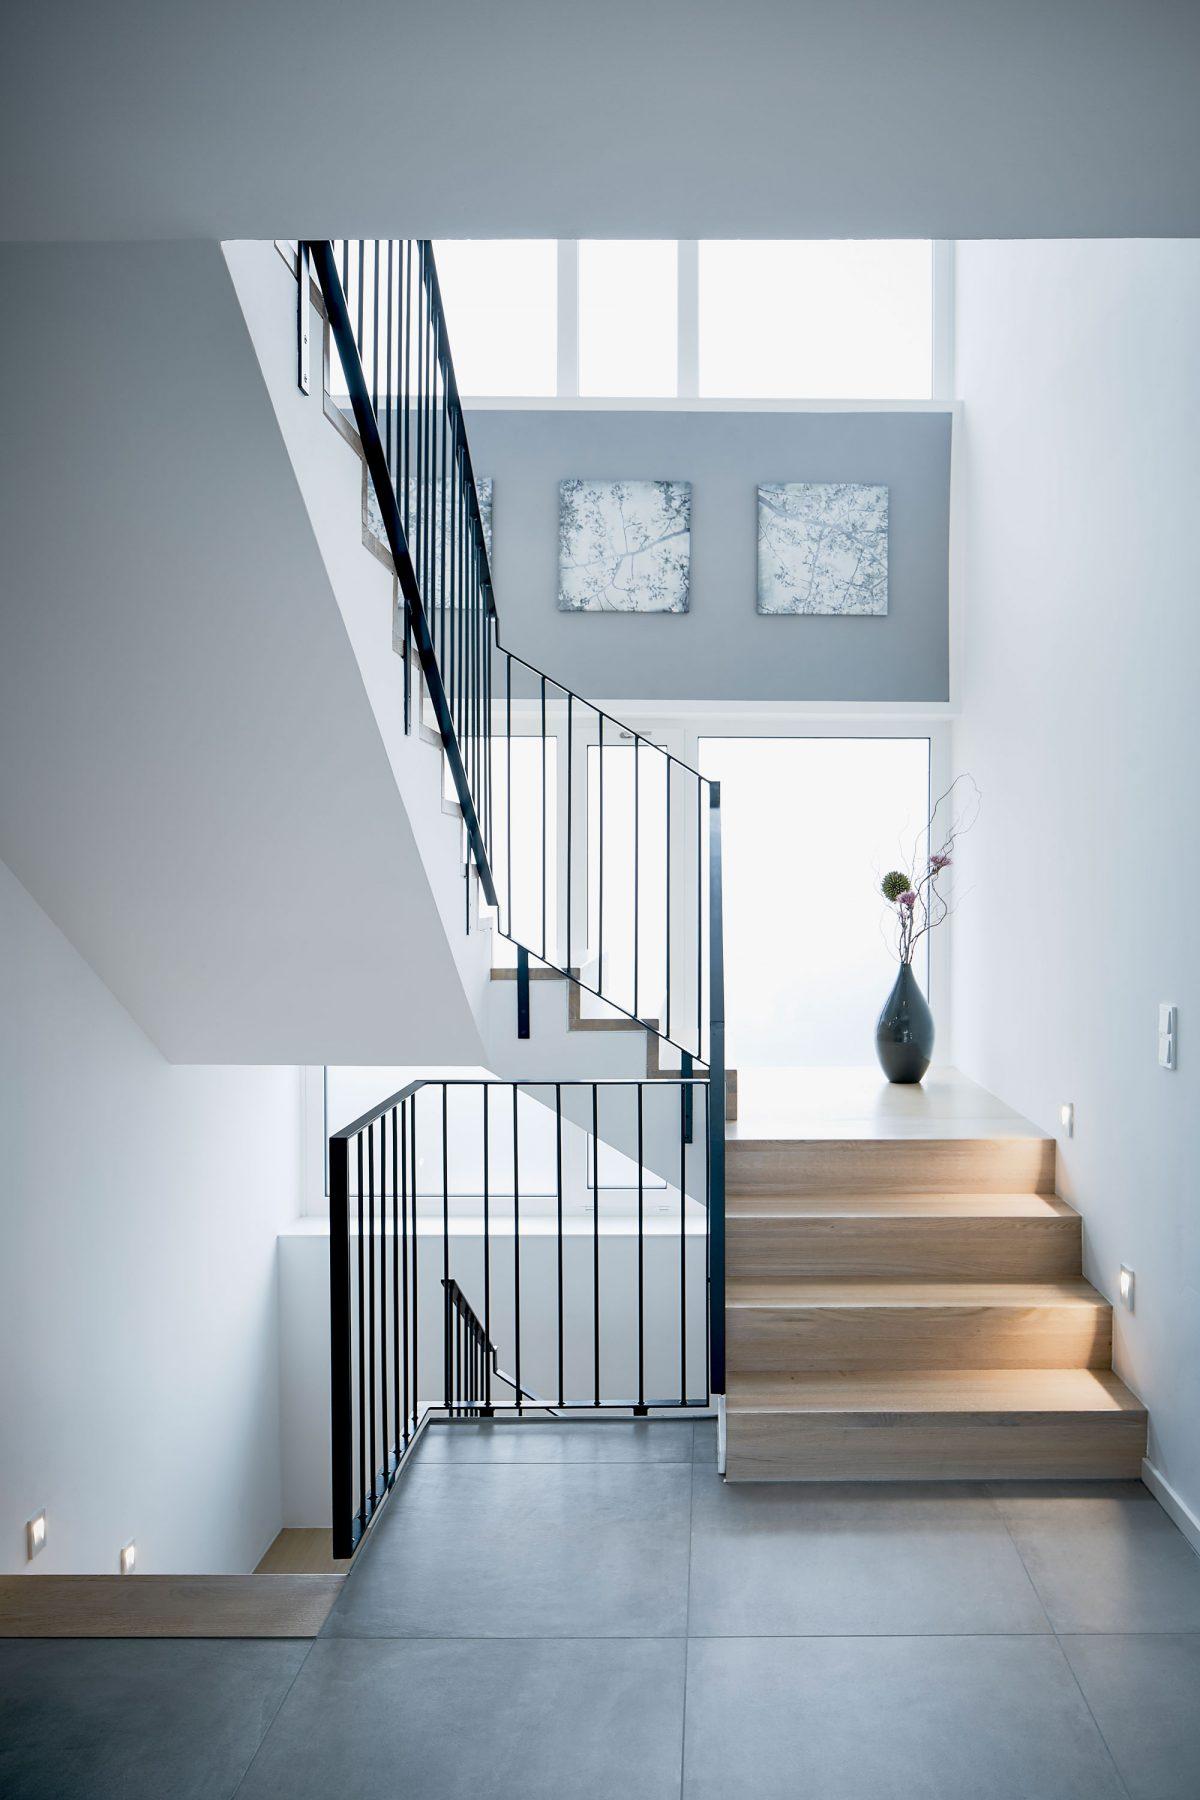 Die sanierte Treppe in der Villa BYR mit neuen Tritt- und Setzstufen aus Holz und neuem Geländer sowie eine abschnittsweise LED Wandeinbauleuchten.